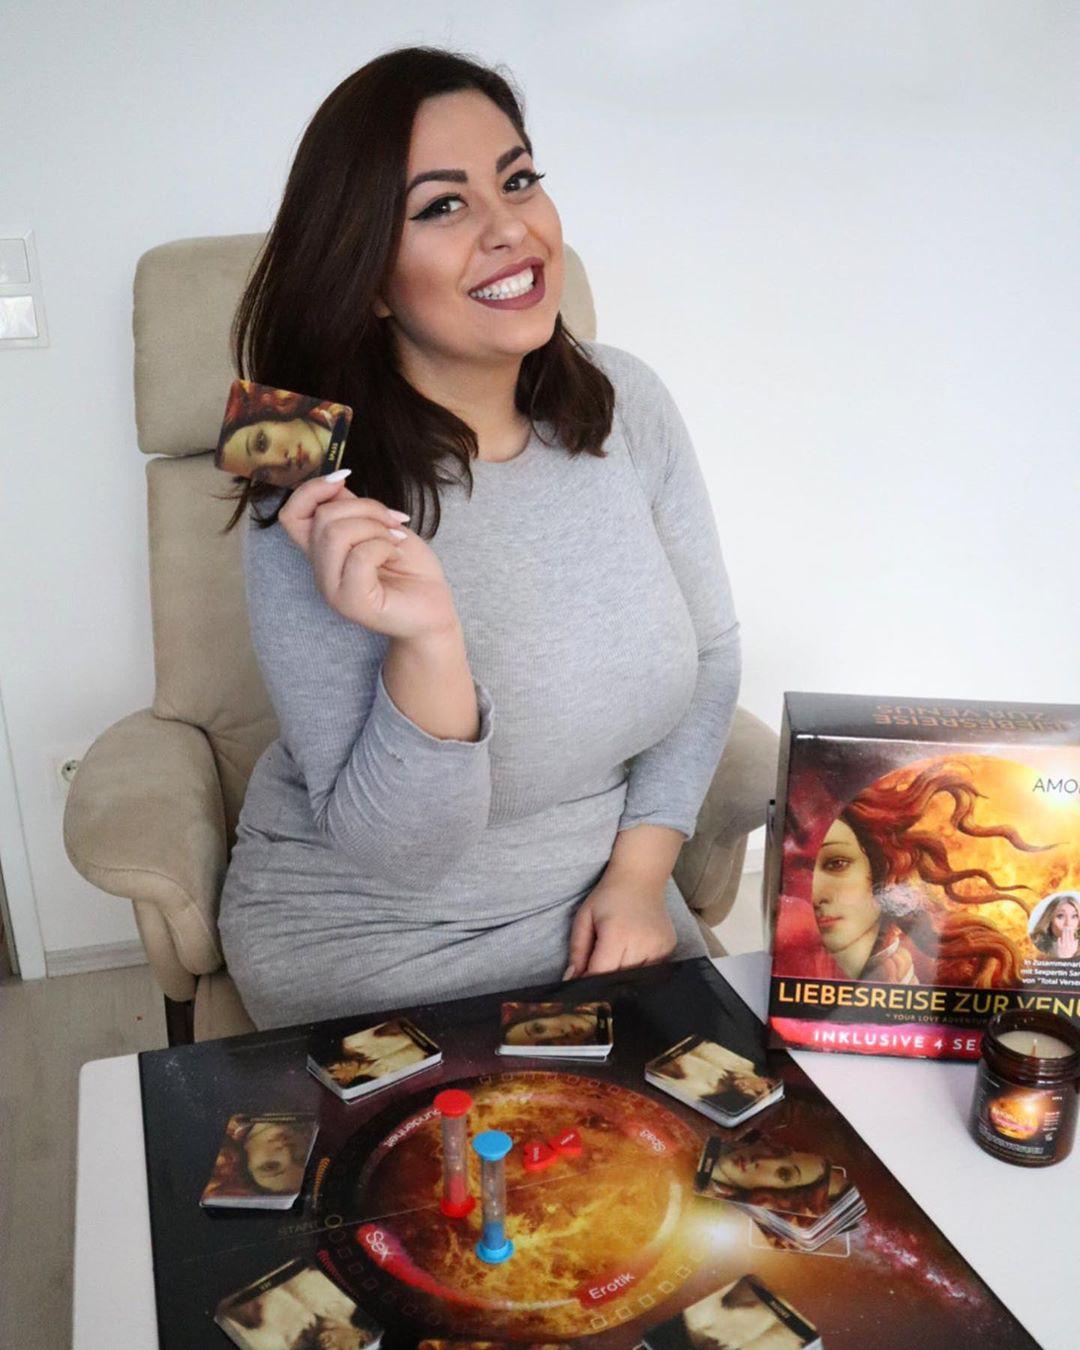 Costina Ana-Maria Black Haircuts, black hair, junk food